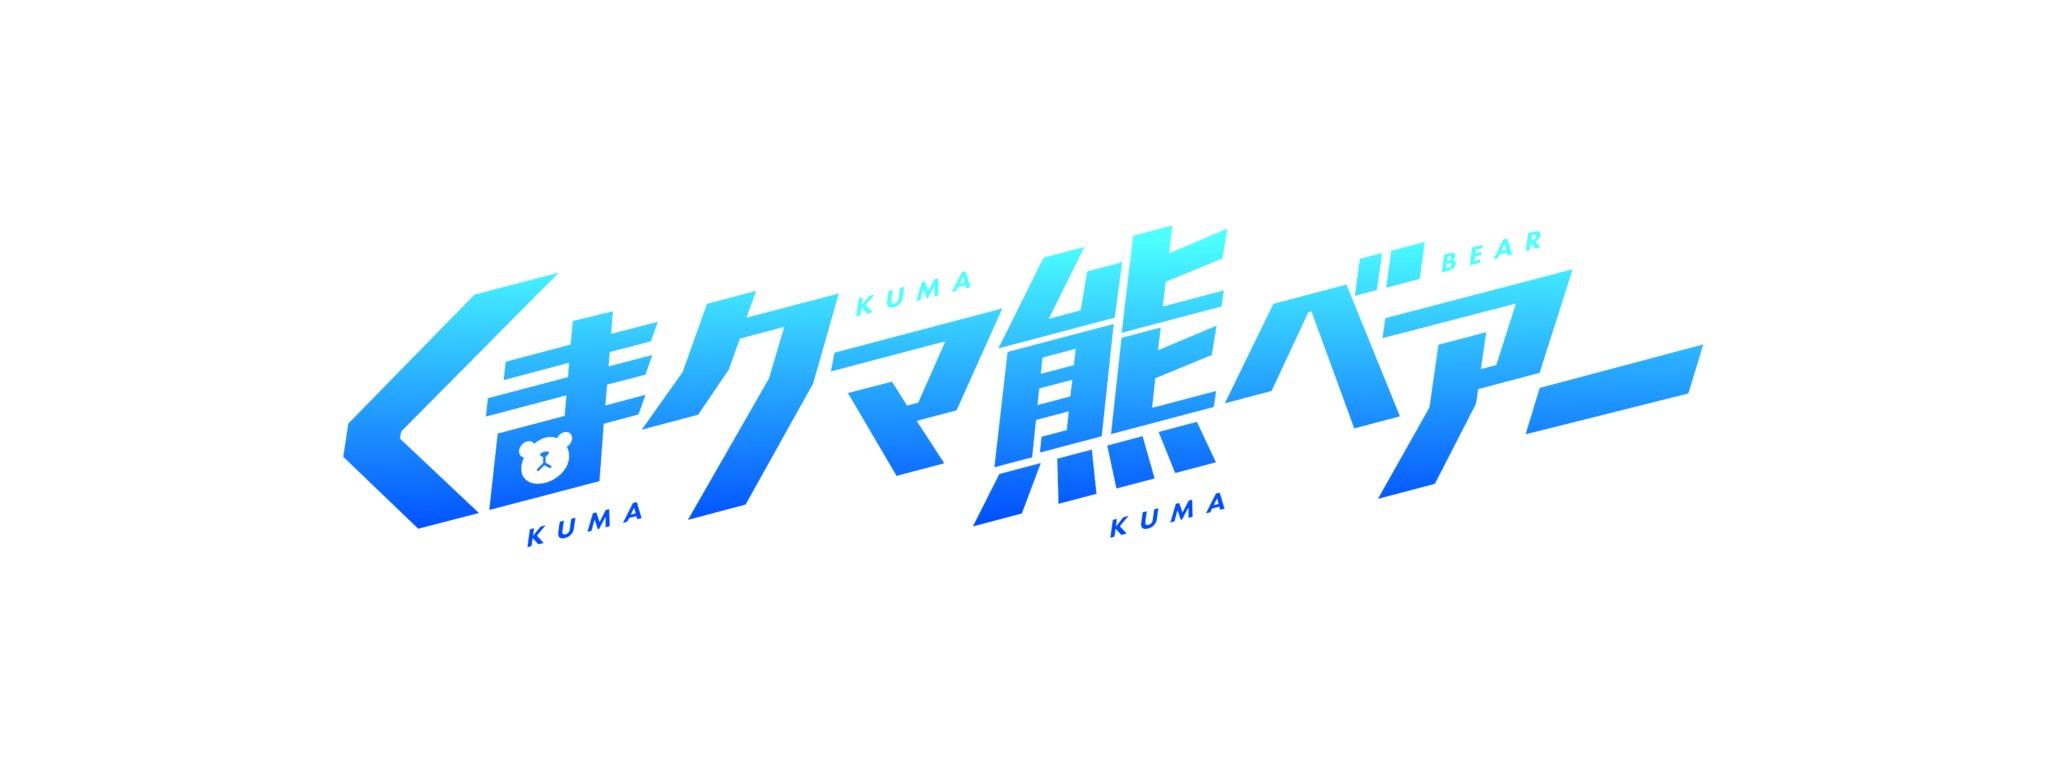 『くまクマ熊ベアー』作品ロゴ